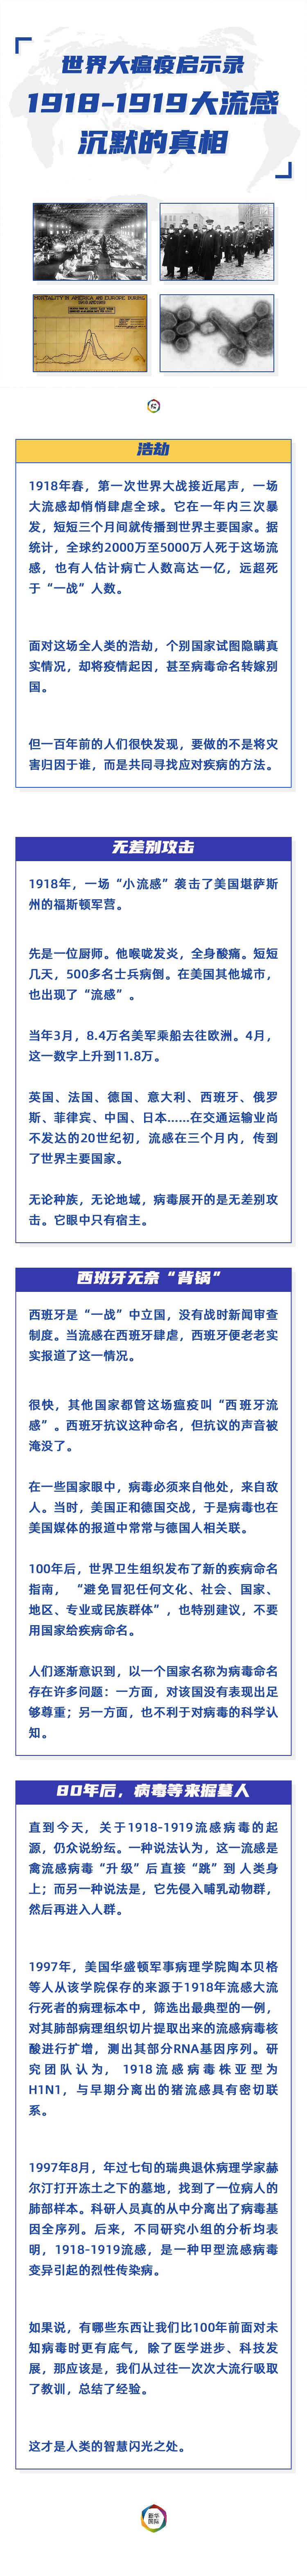 来源:新华国际头条(ID:interxinhua)